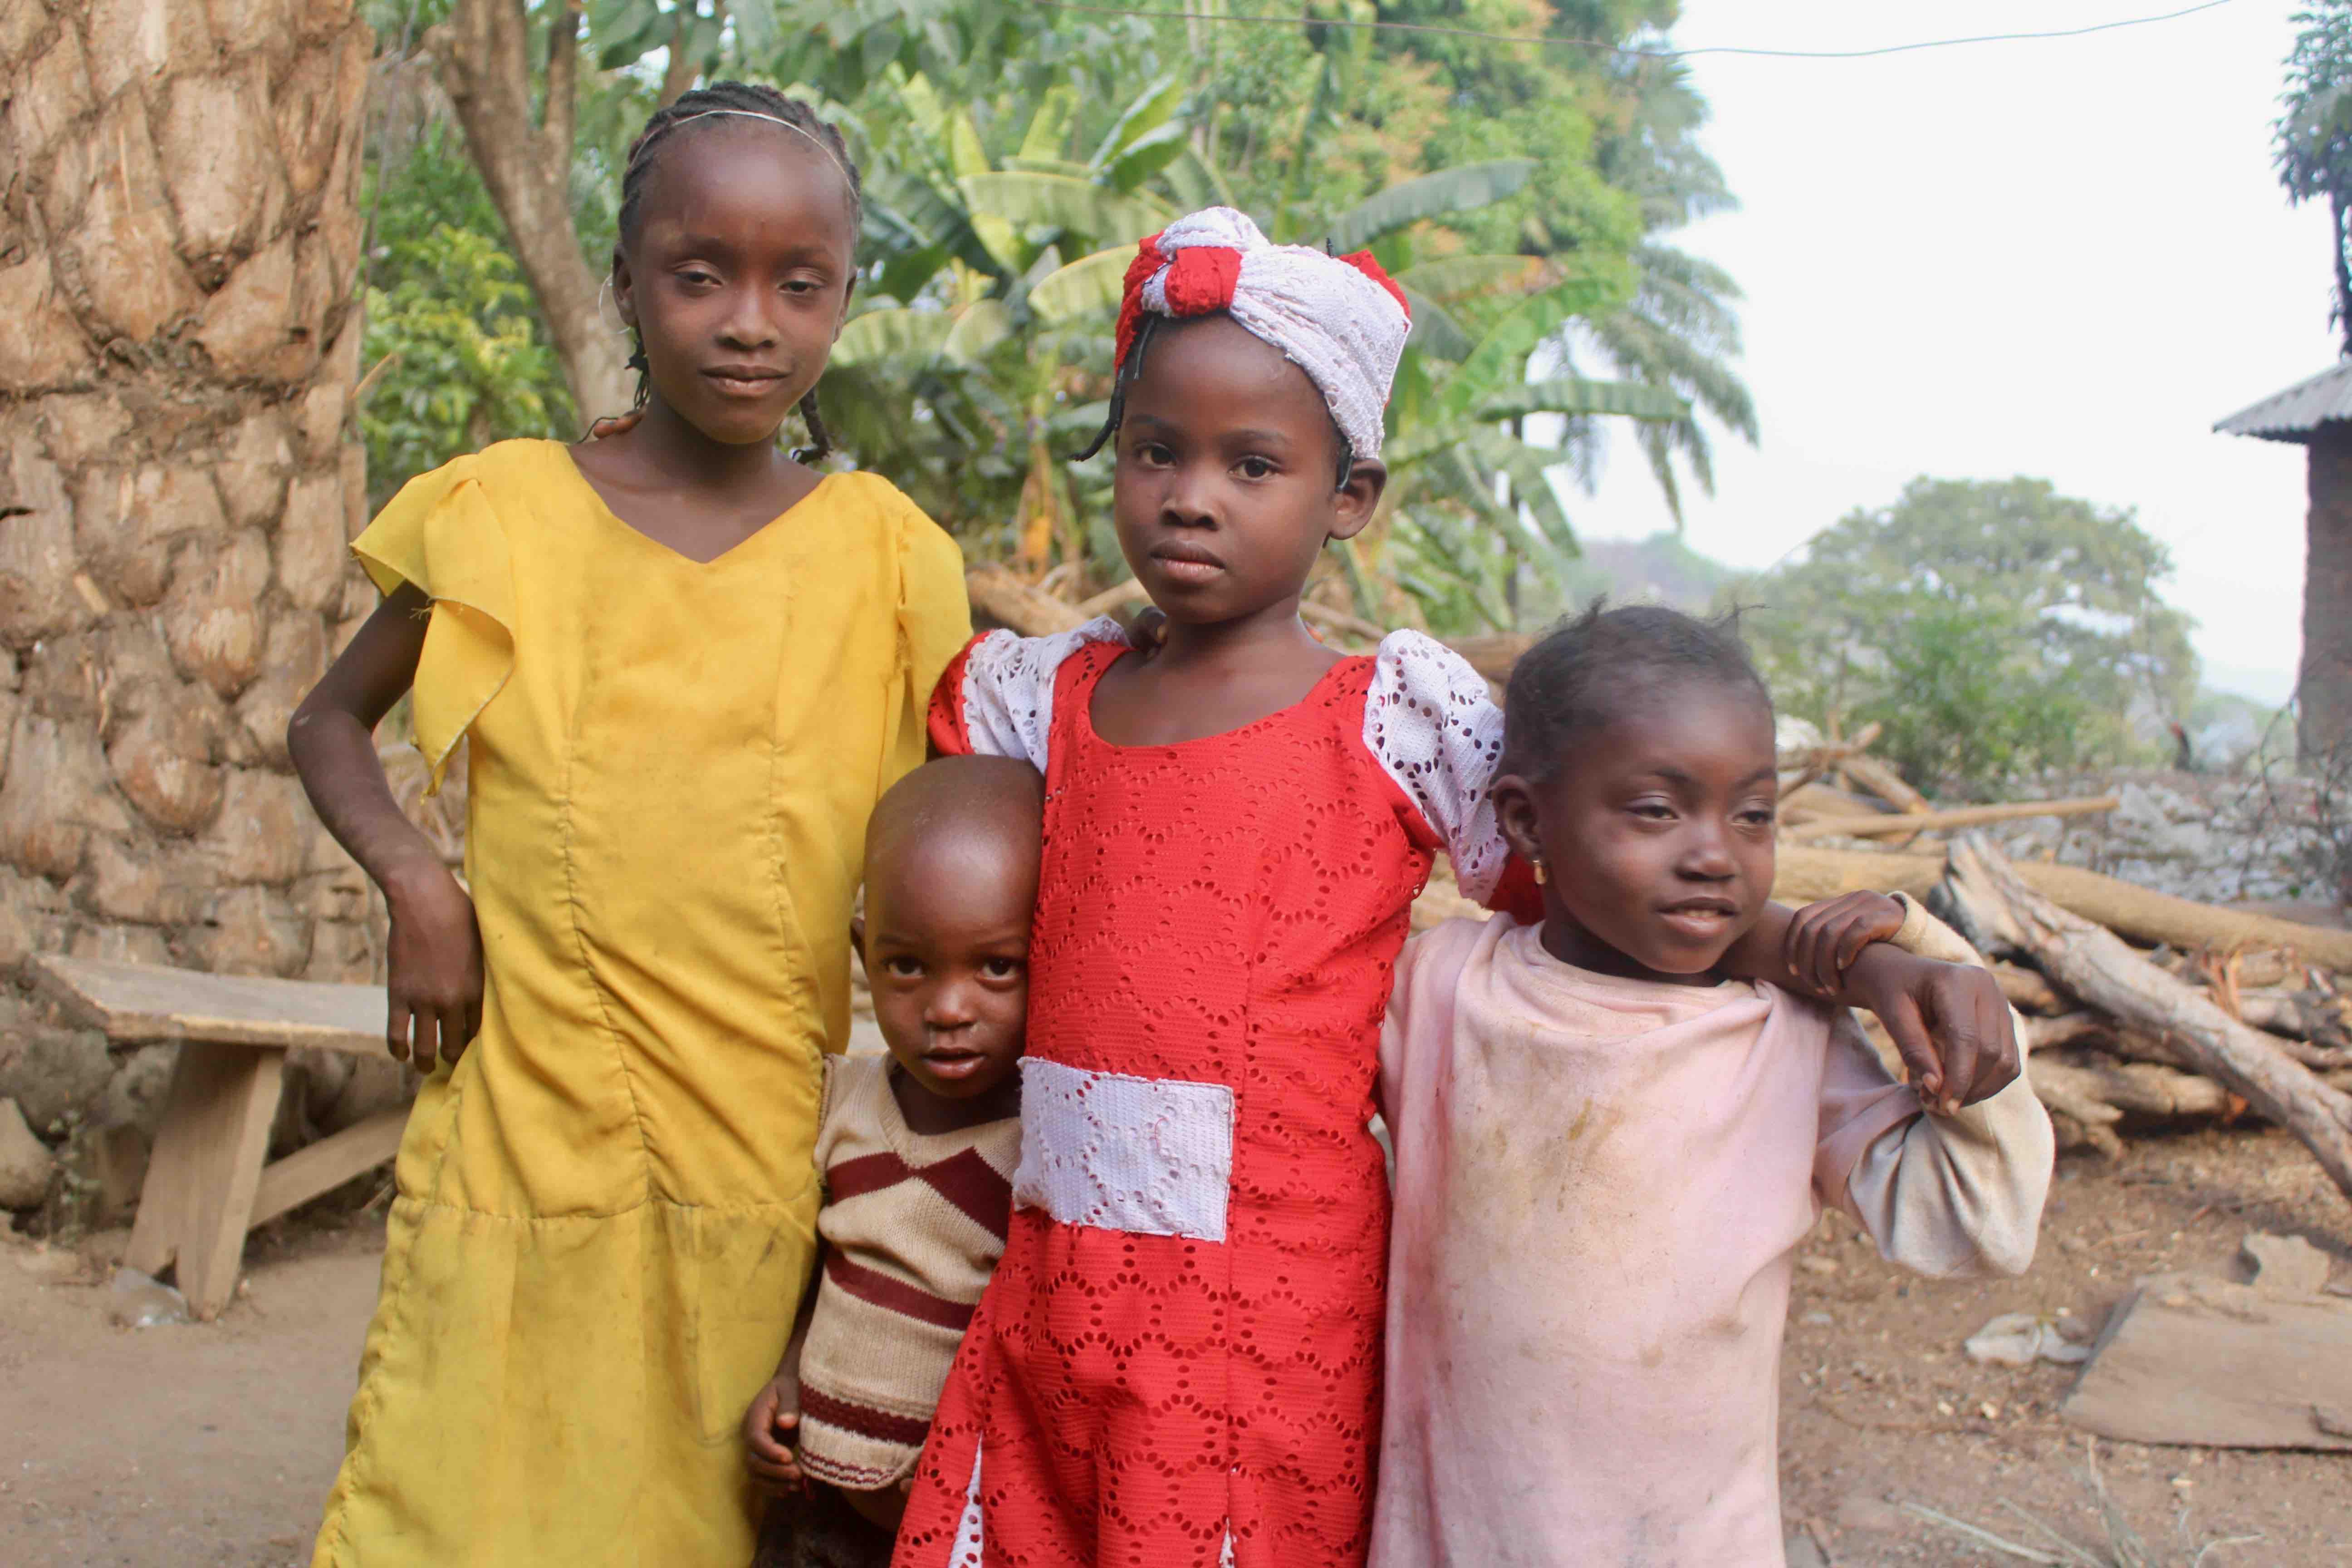 Langa Langa Village Children, Langa Langa Village, Nasarawa State, Nigeria. #JujuFilms